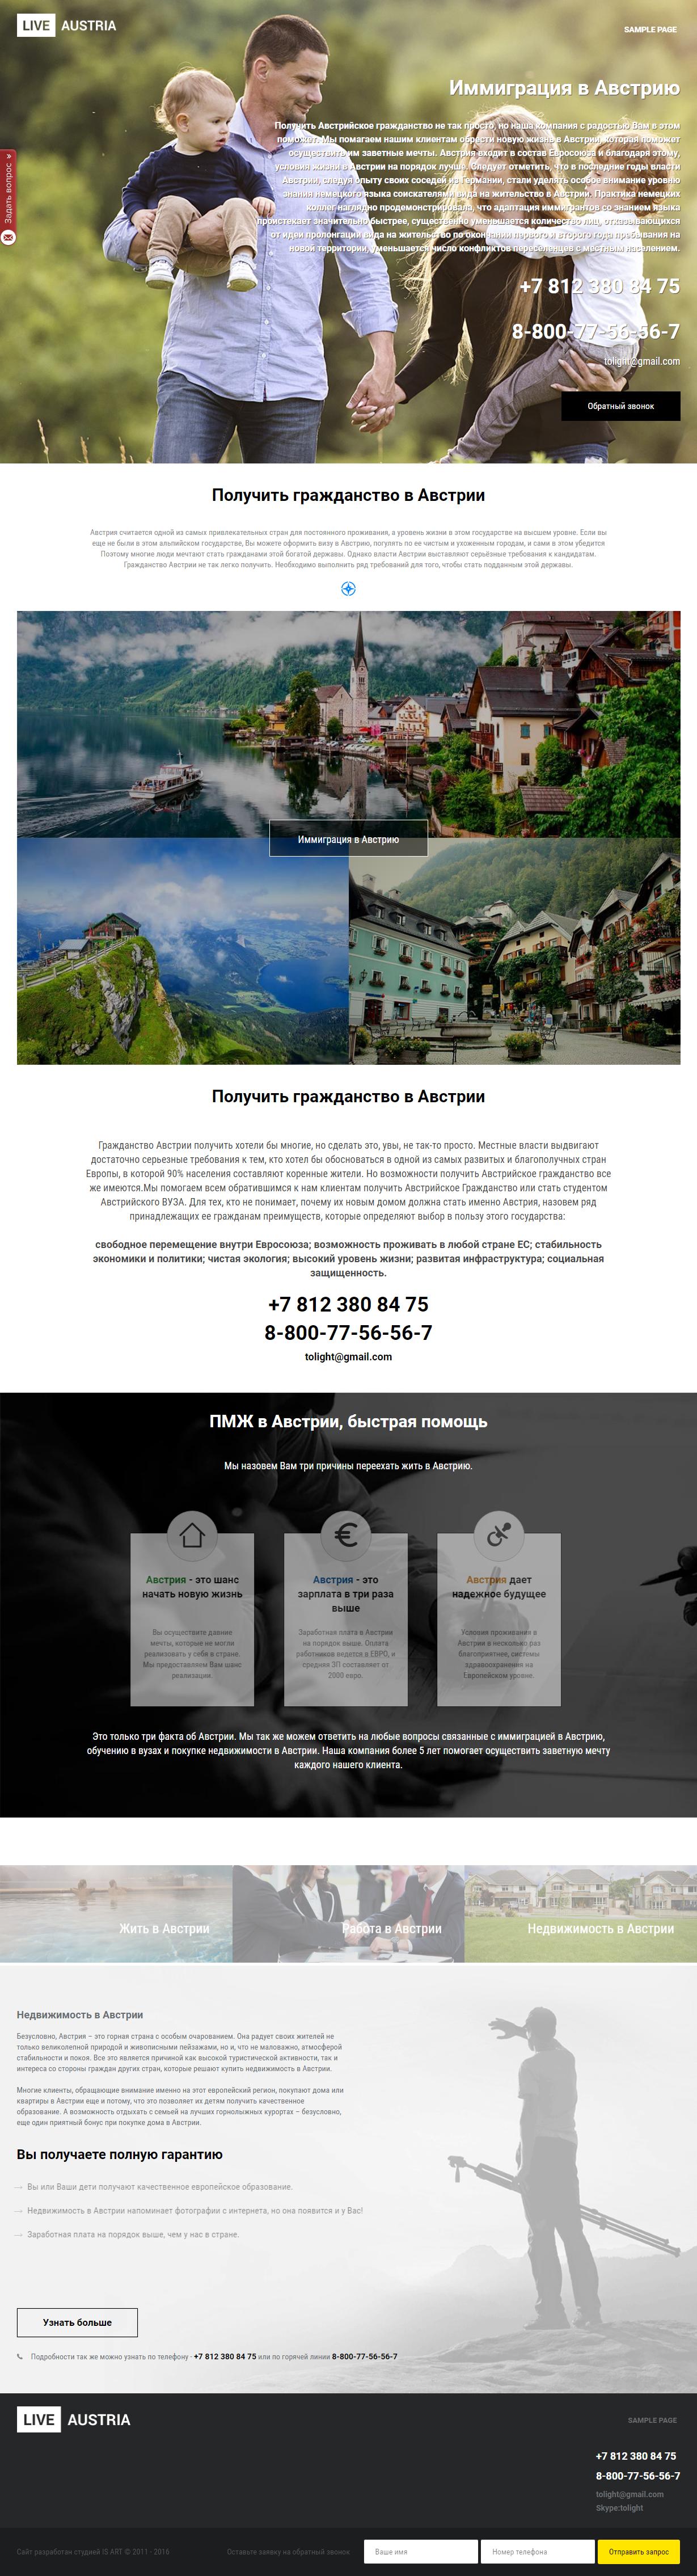 Макет сайта Иммиграция в Австрию 1